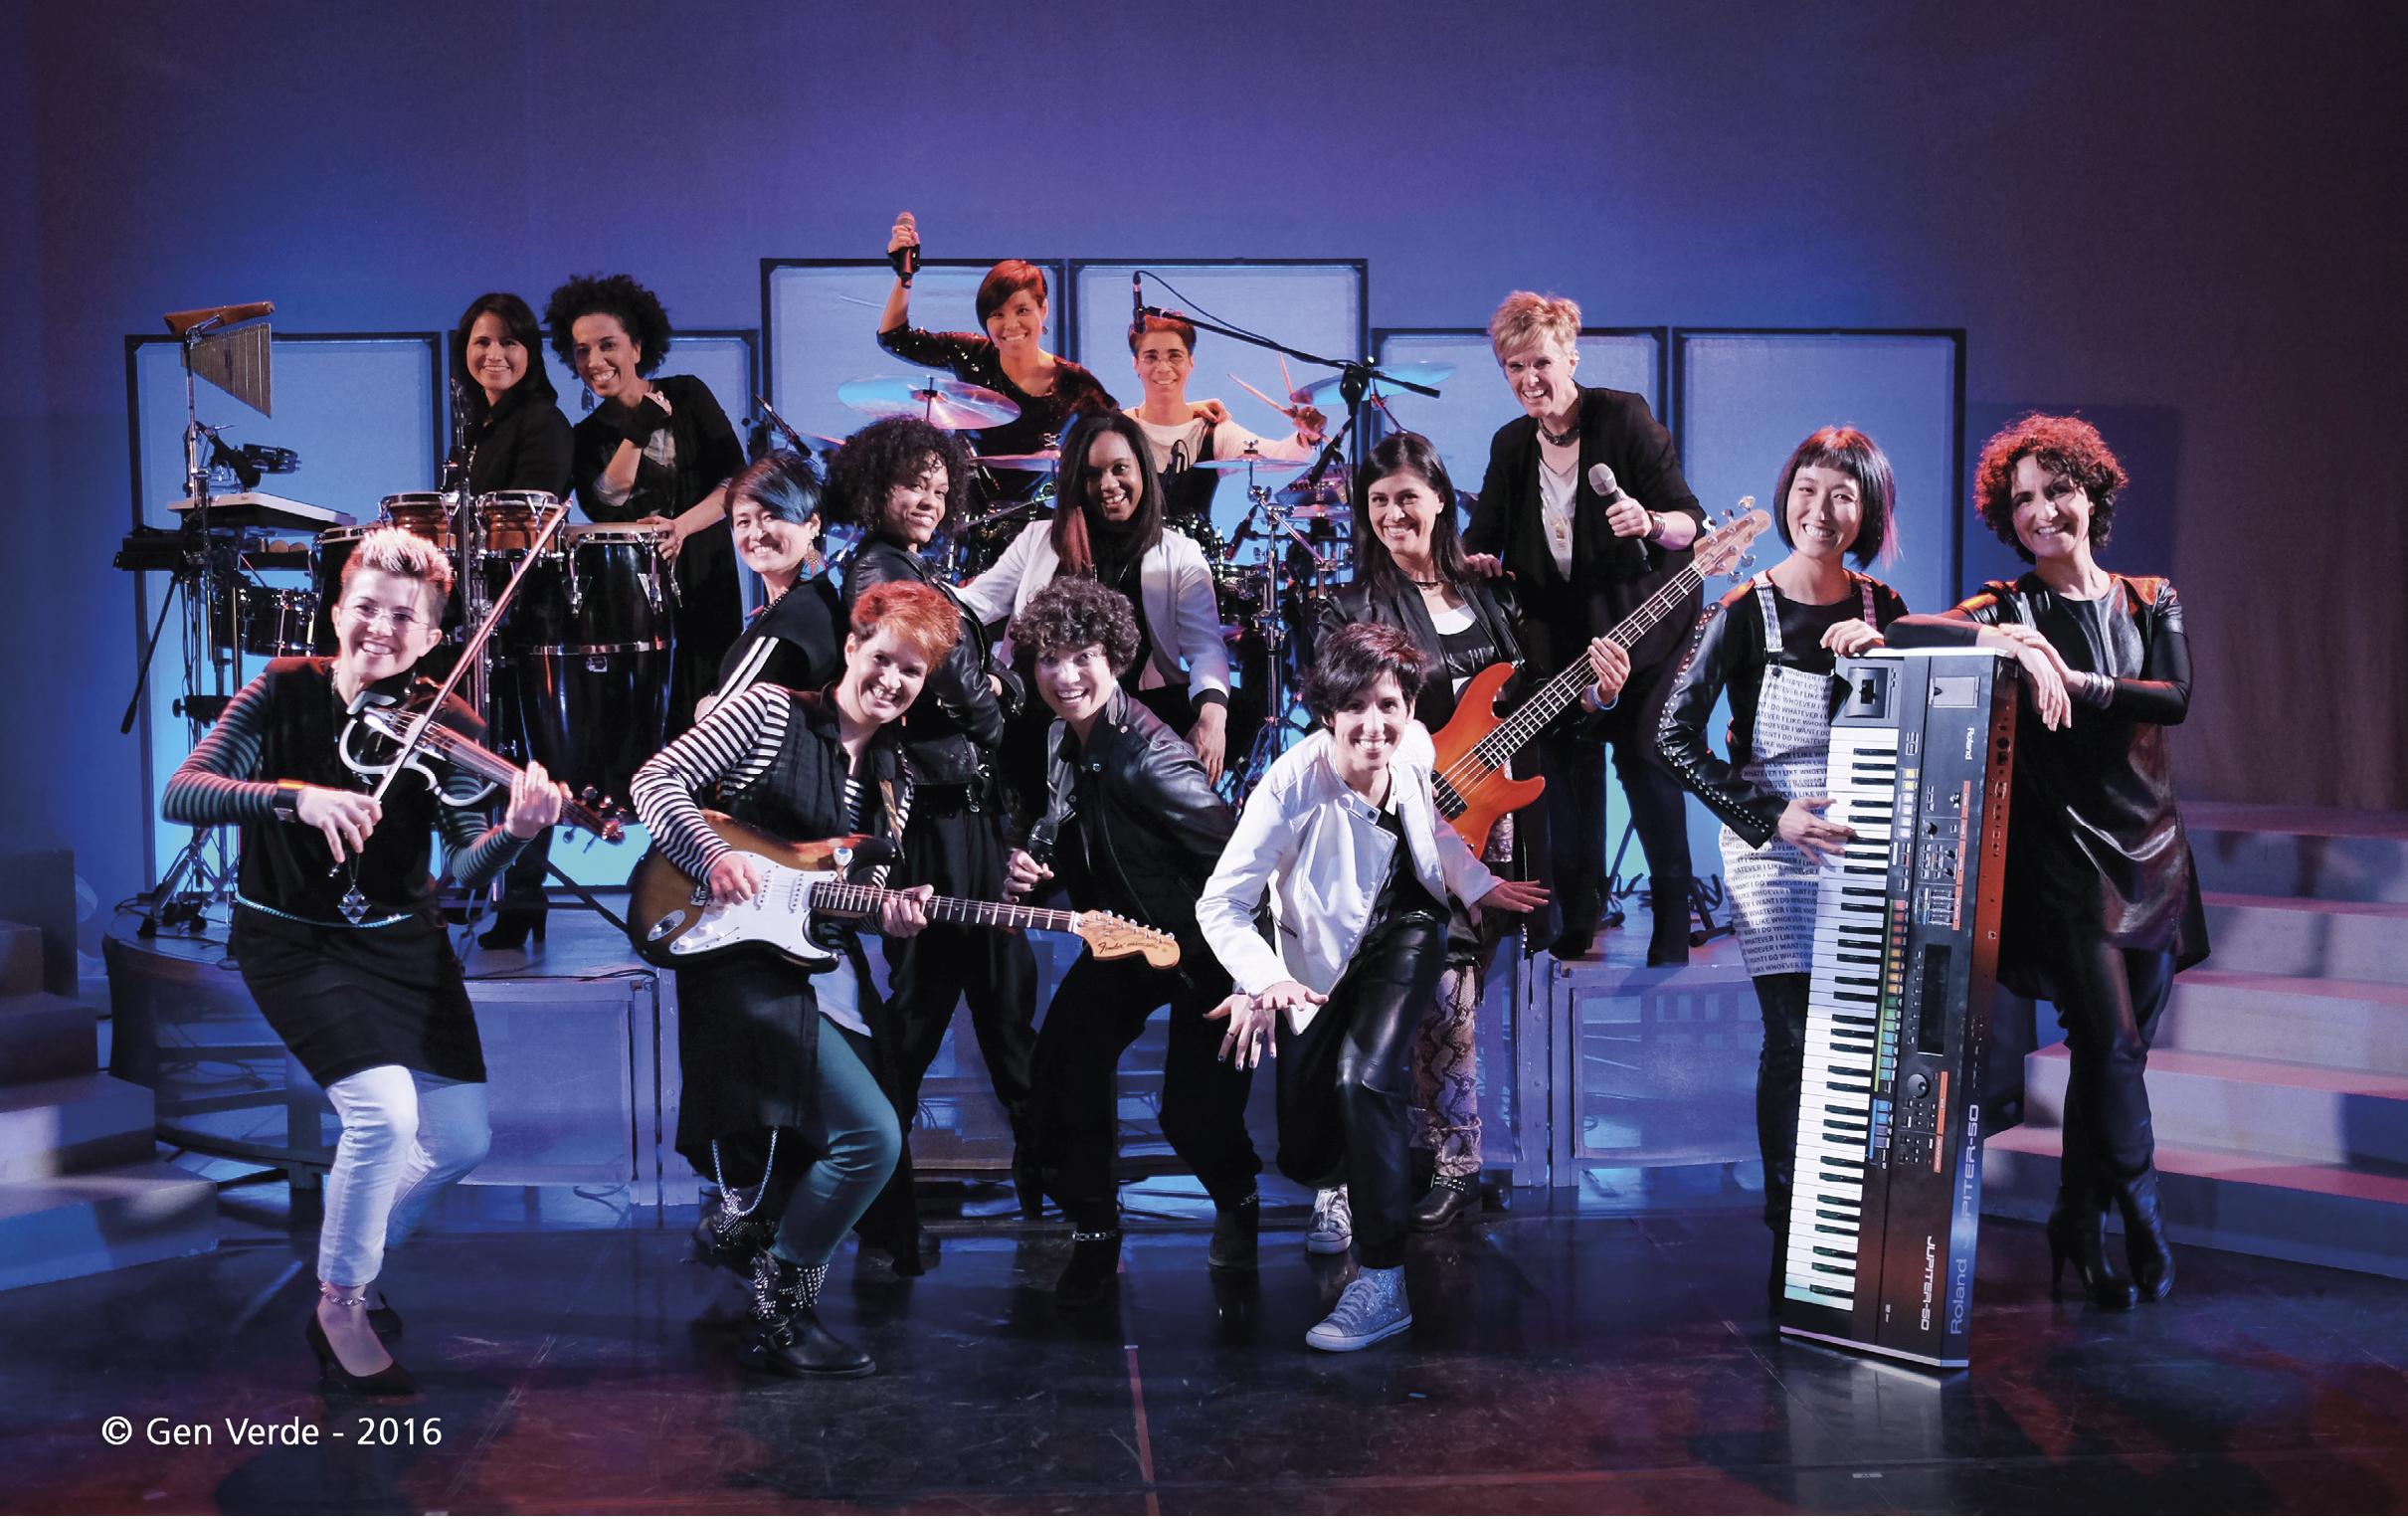 Grupo musical GEN VERDE, nascido em 1966, em Loppiano, no Centro Internacional do Movimento dos Focolares.